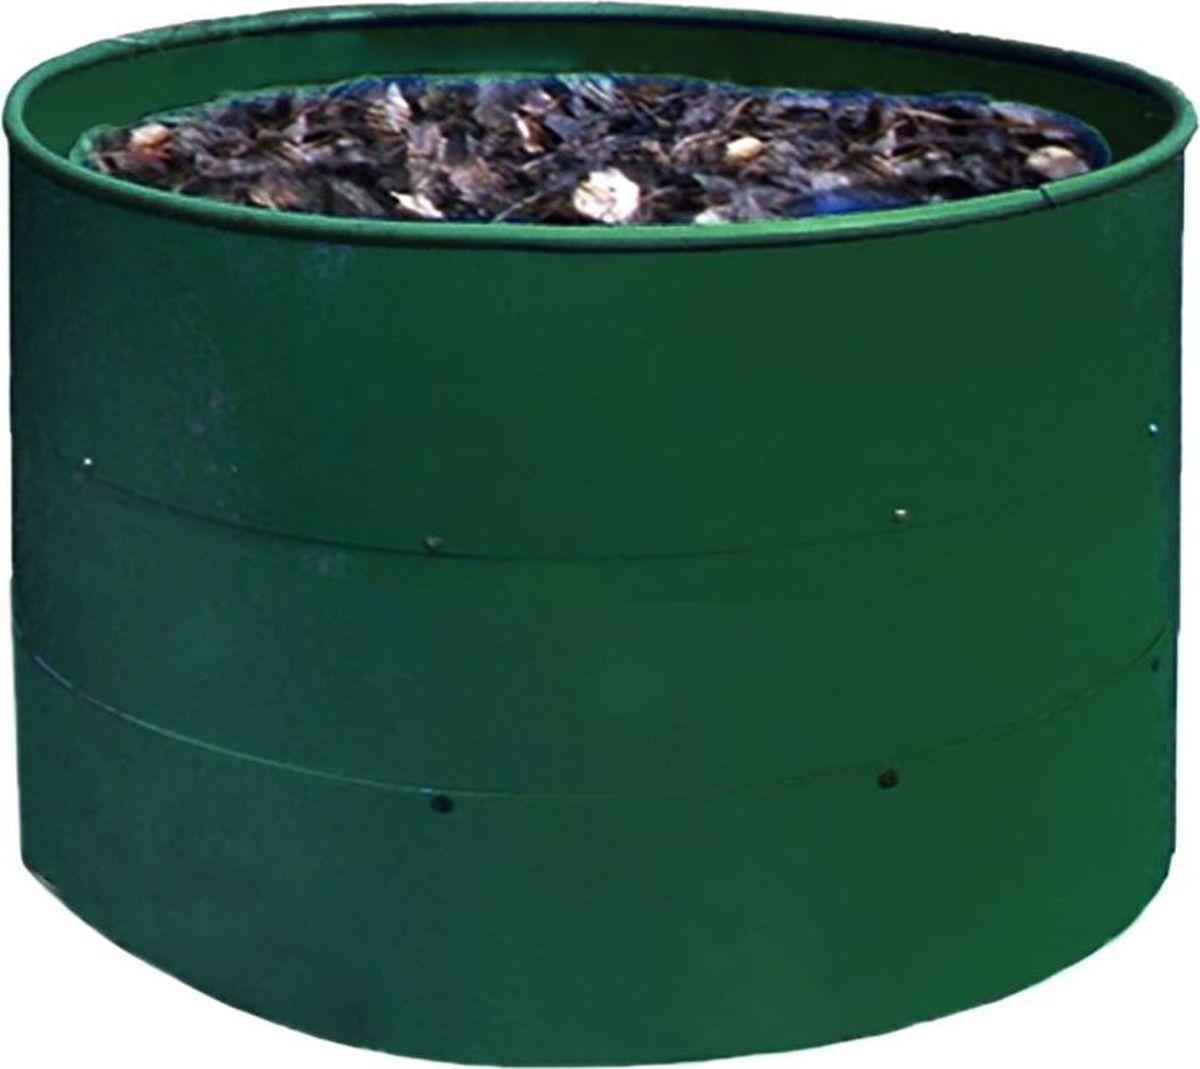 Компостер садовый ГарденПласт, 500 л компостер садовый сибгрядки цвет зеленый 678 л